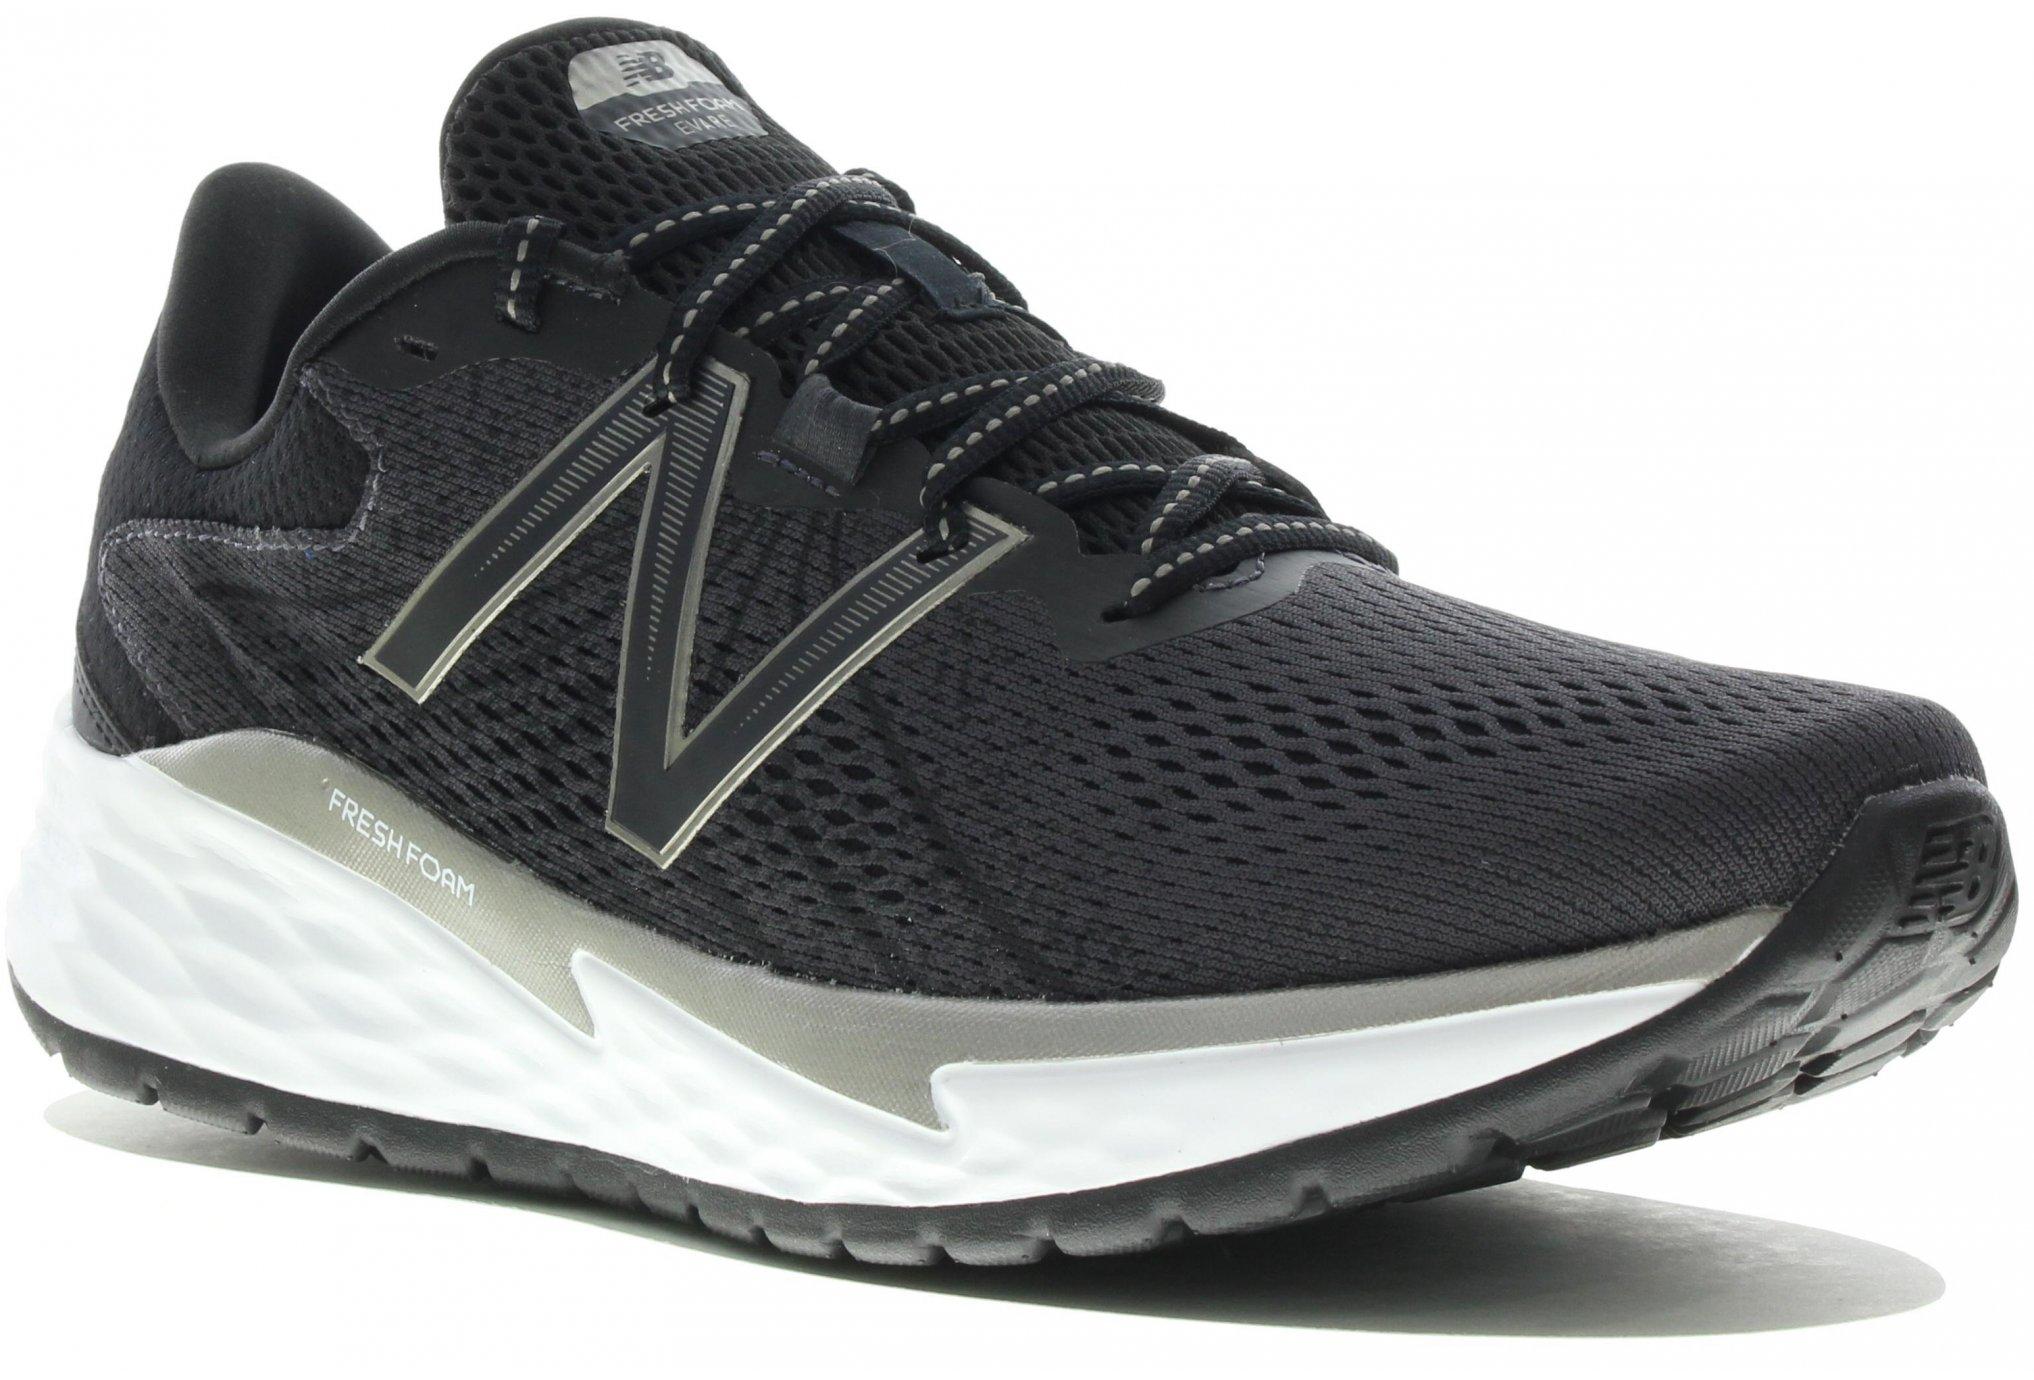 New Balance Fresh Foam Evare M Diététique Chaussures homme